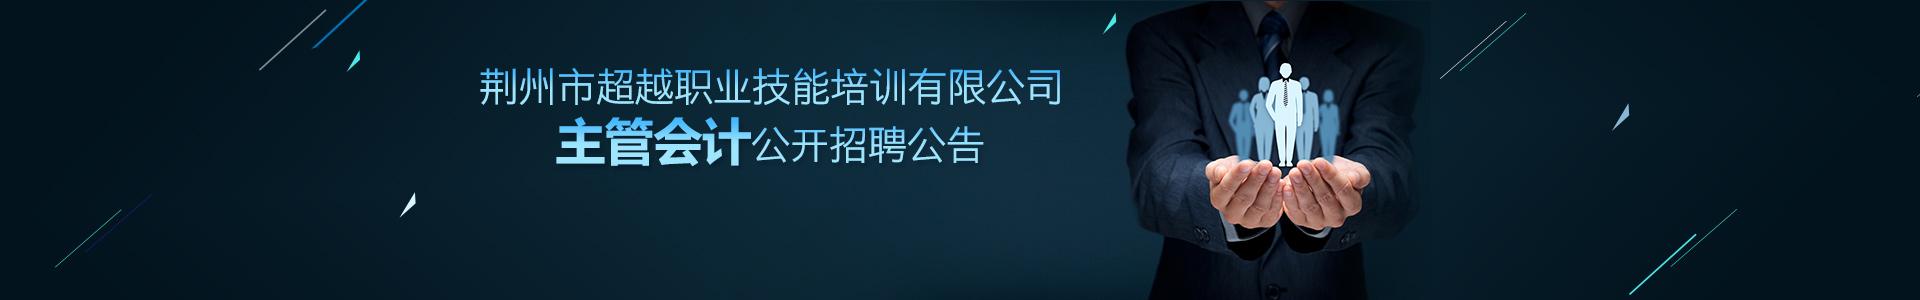 荊州市超越職業技能培訓有限公司